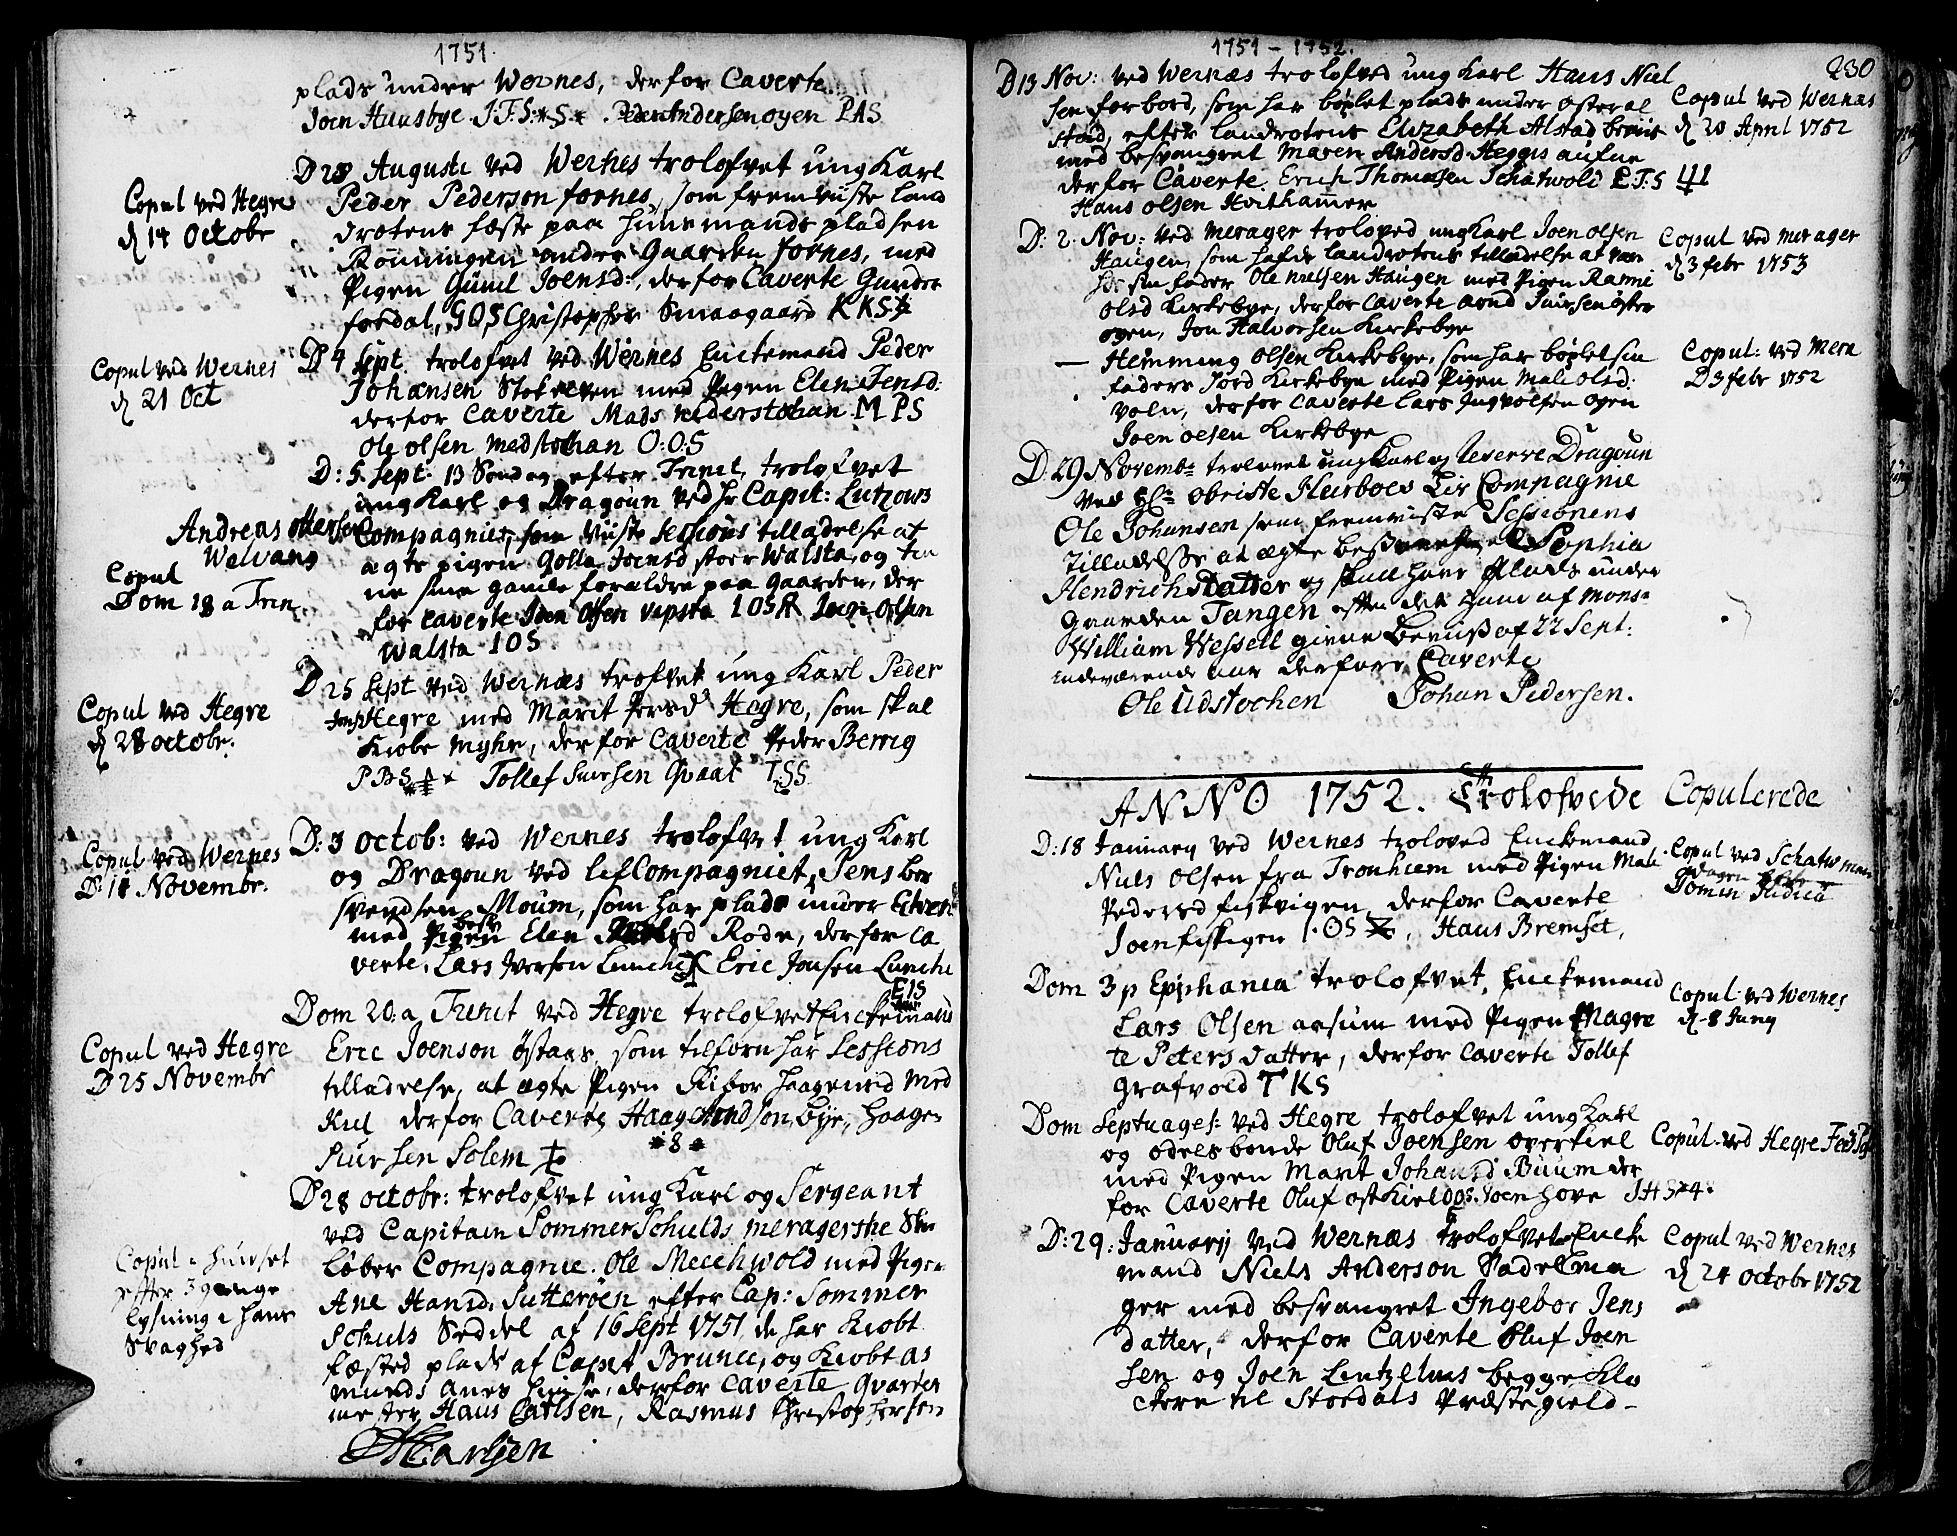 SAT, Ministerialprotokoller, klokkerbøker og fødselsregistre - Nord-Trøndelag, 709/L0056: Ministerialbok nr. 709A04, 1740-1756, s. 230